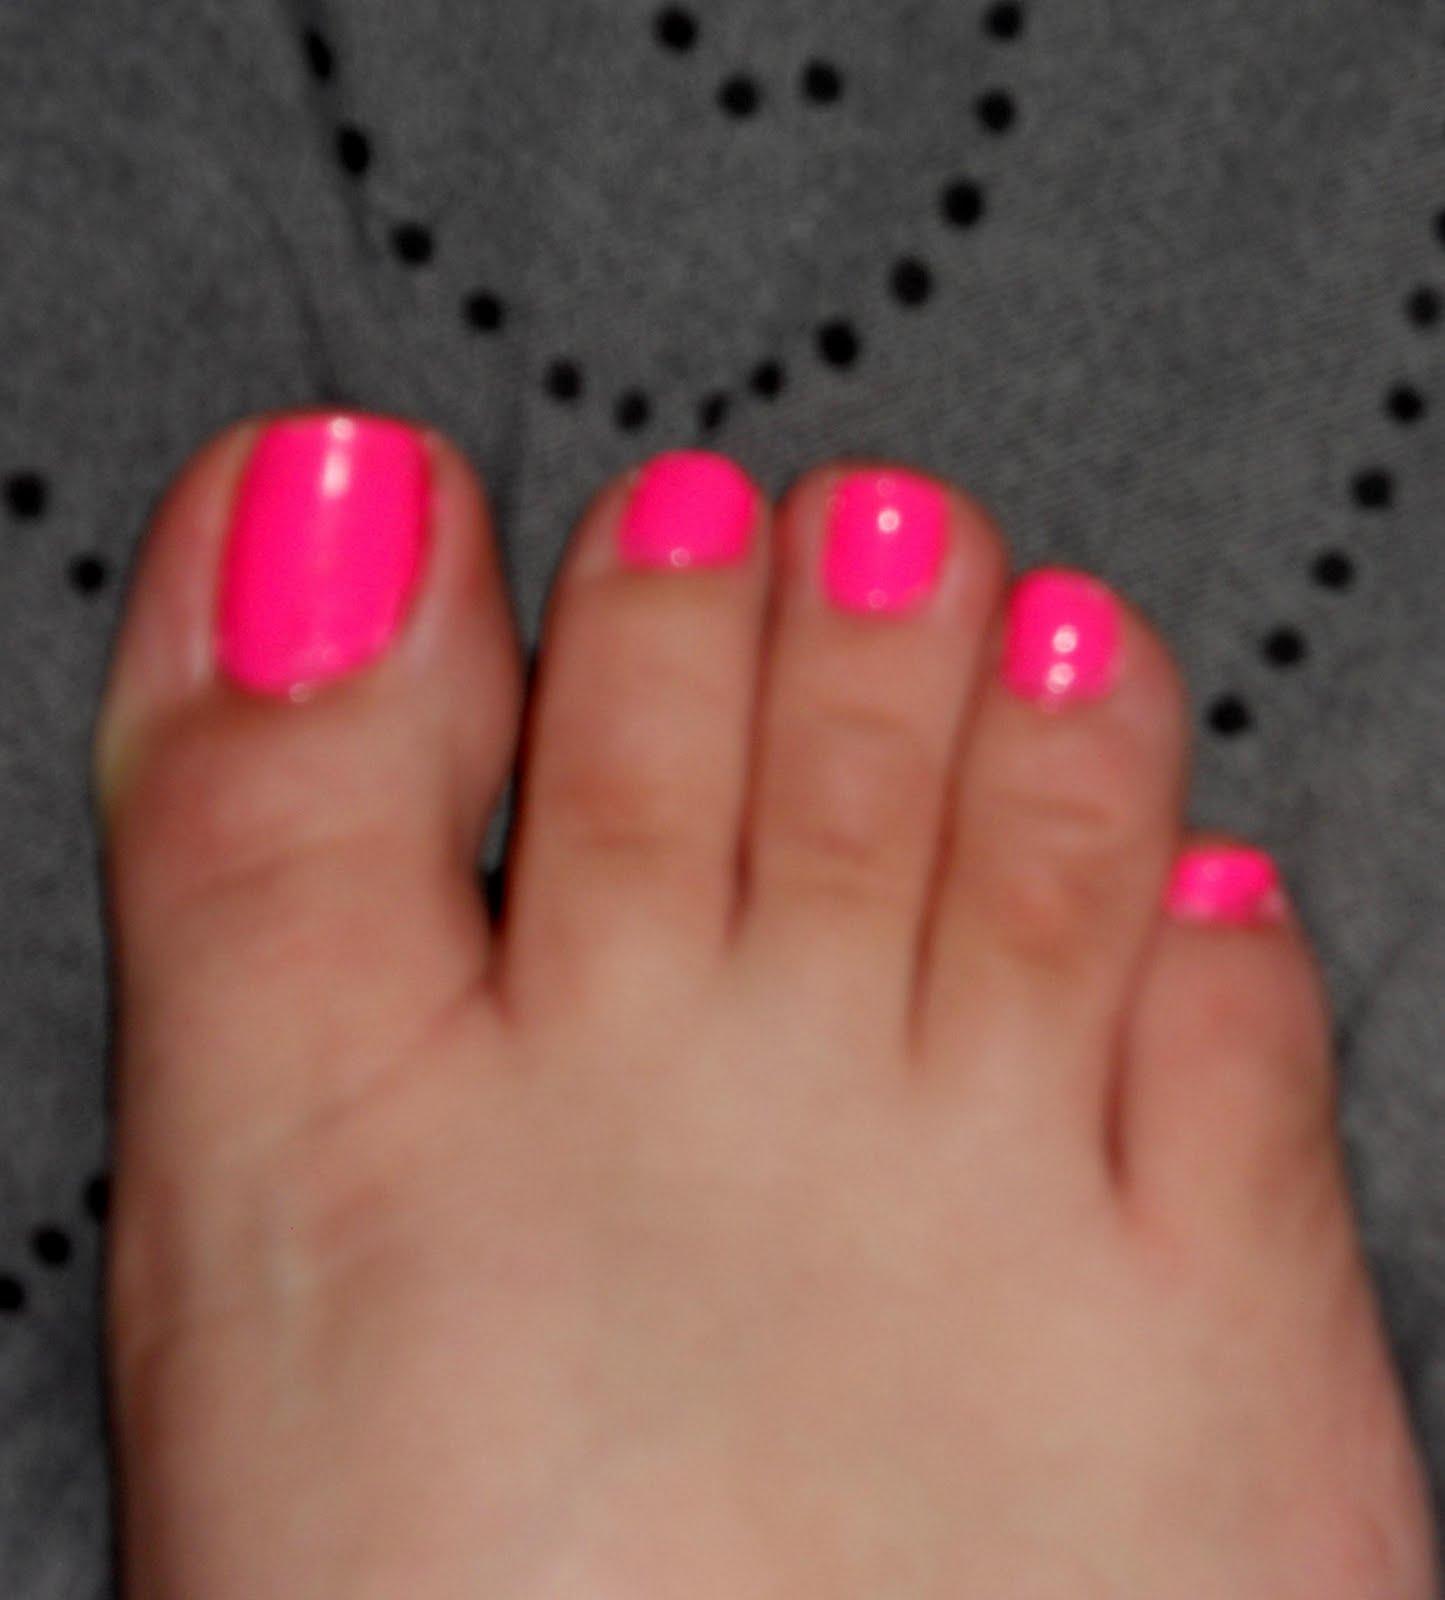 Nail Varnish On Toes?